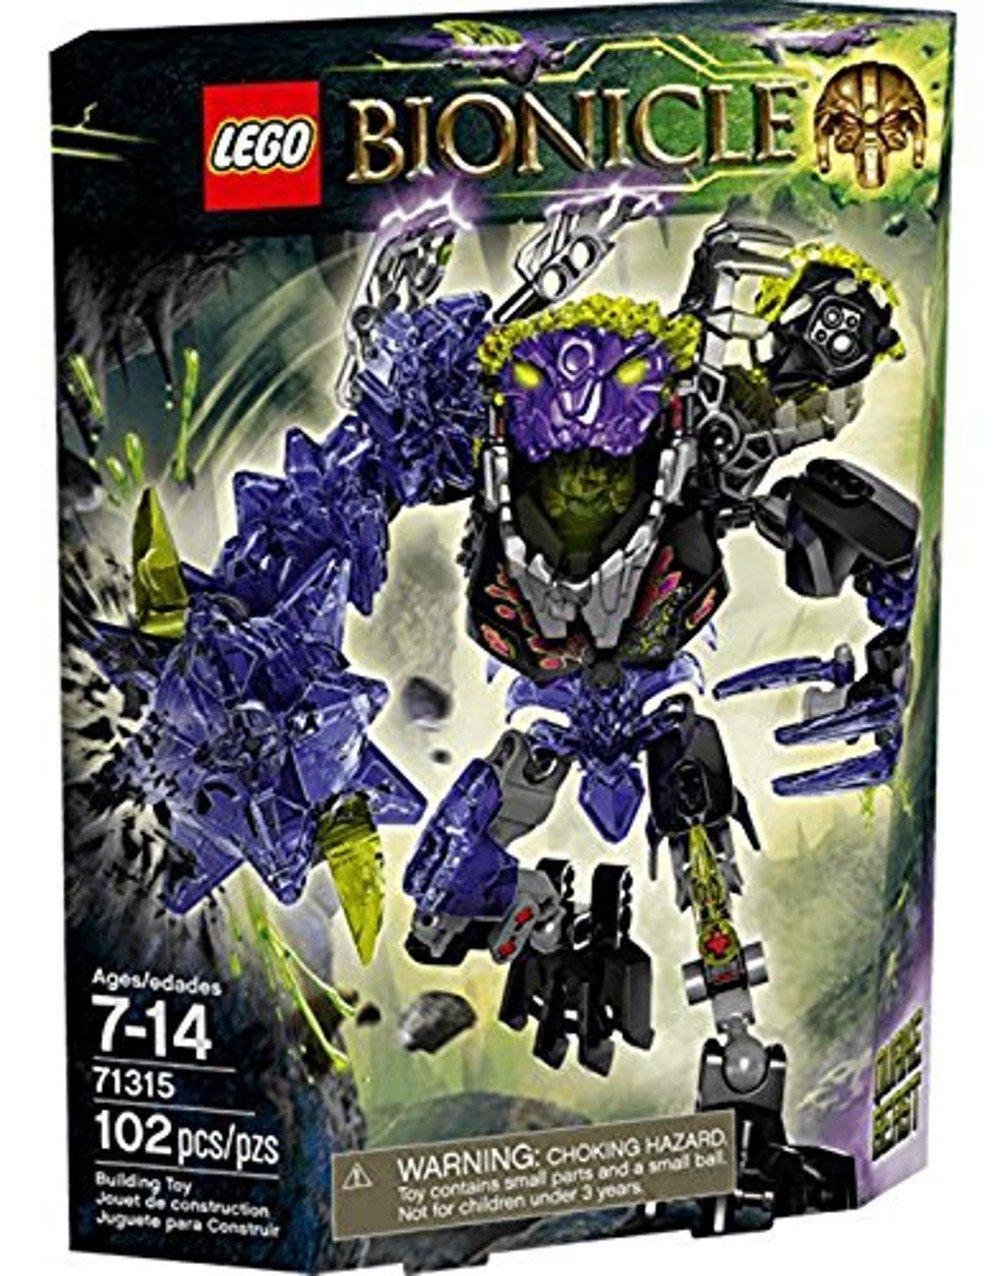 LEGO Bionicle - Quake Beast, Juegos de construcción, 102 Piezas (71315): Amazon.es: Juguetes y juegos